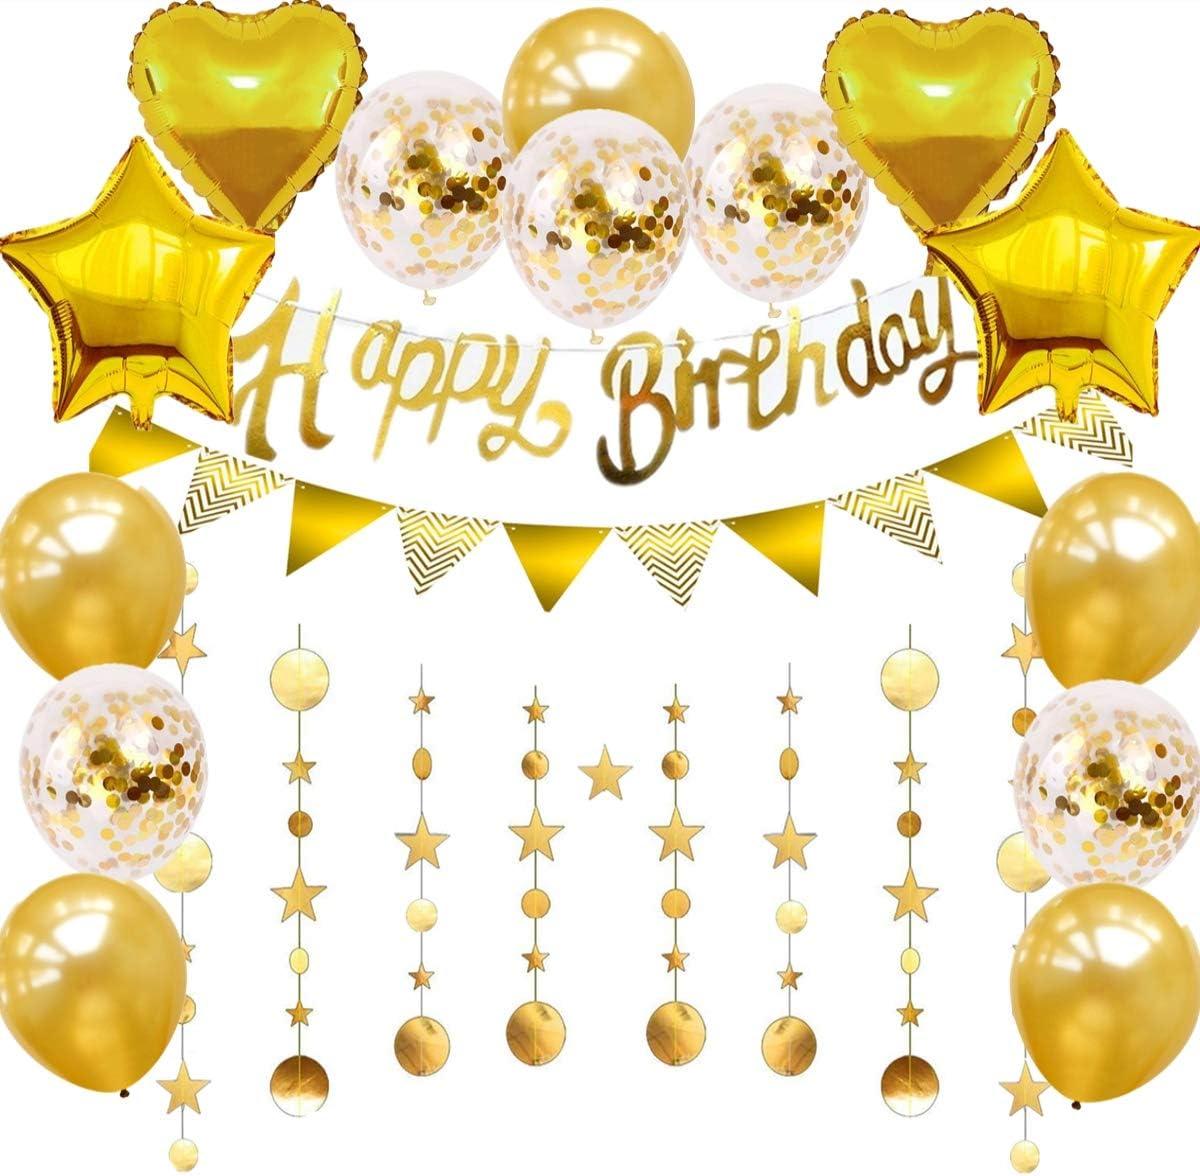 Gold Happy Birthday GarlandHappy Birthday BannerBackdropBirthday Boy Girl Party DecorationsWall DecorationHangingBirthday decoration